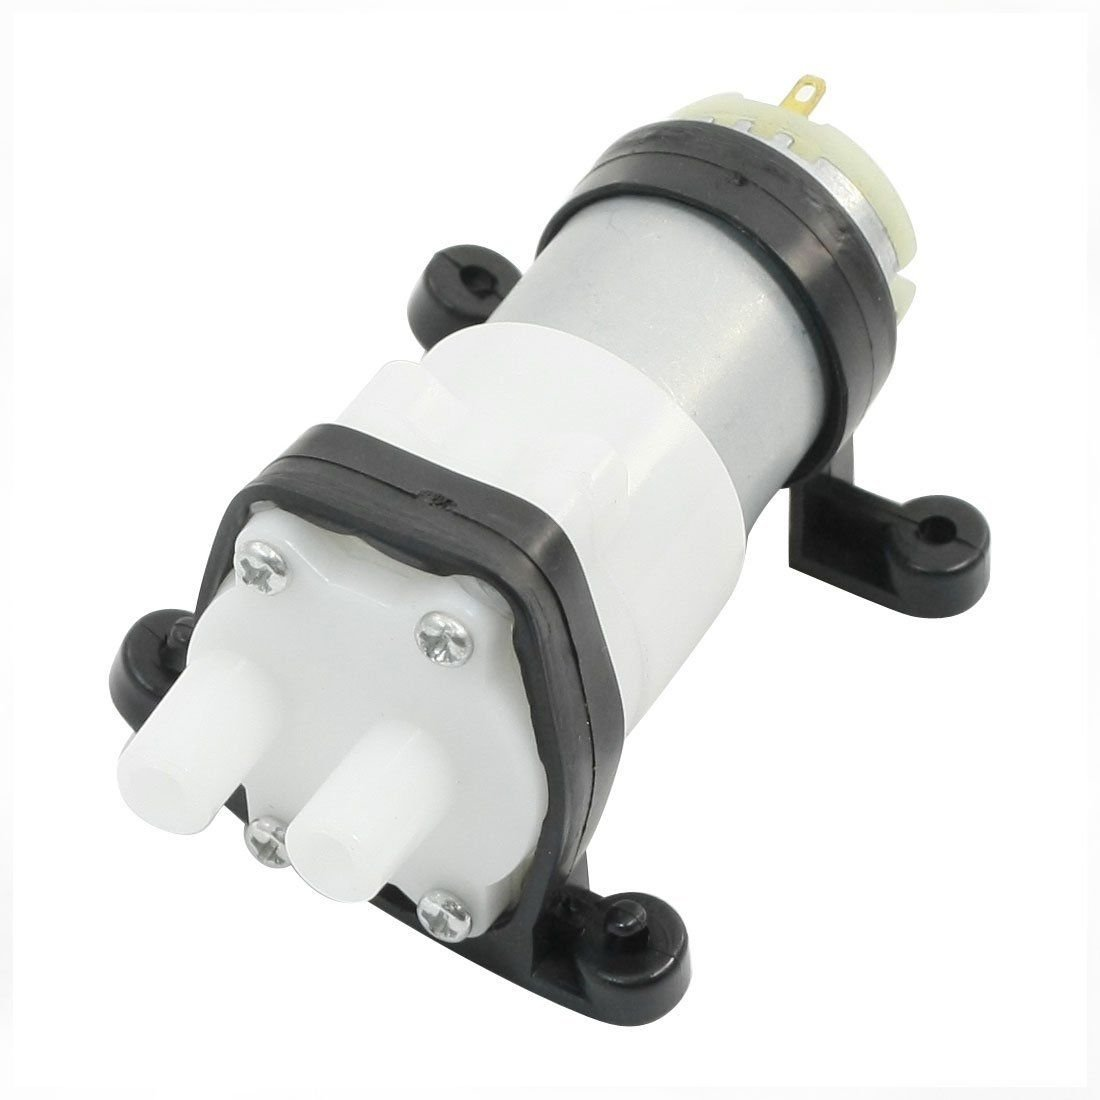 Pompa membrana diaframma autoadescante distributore acqua motore 12V 2-3l/min Vinciann